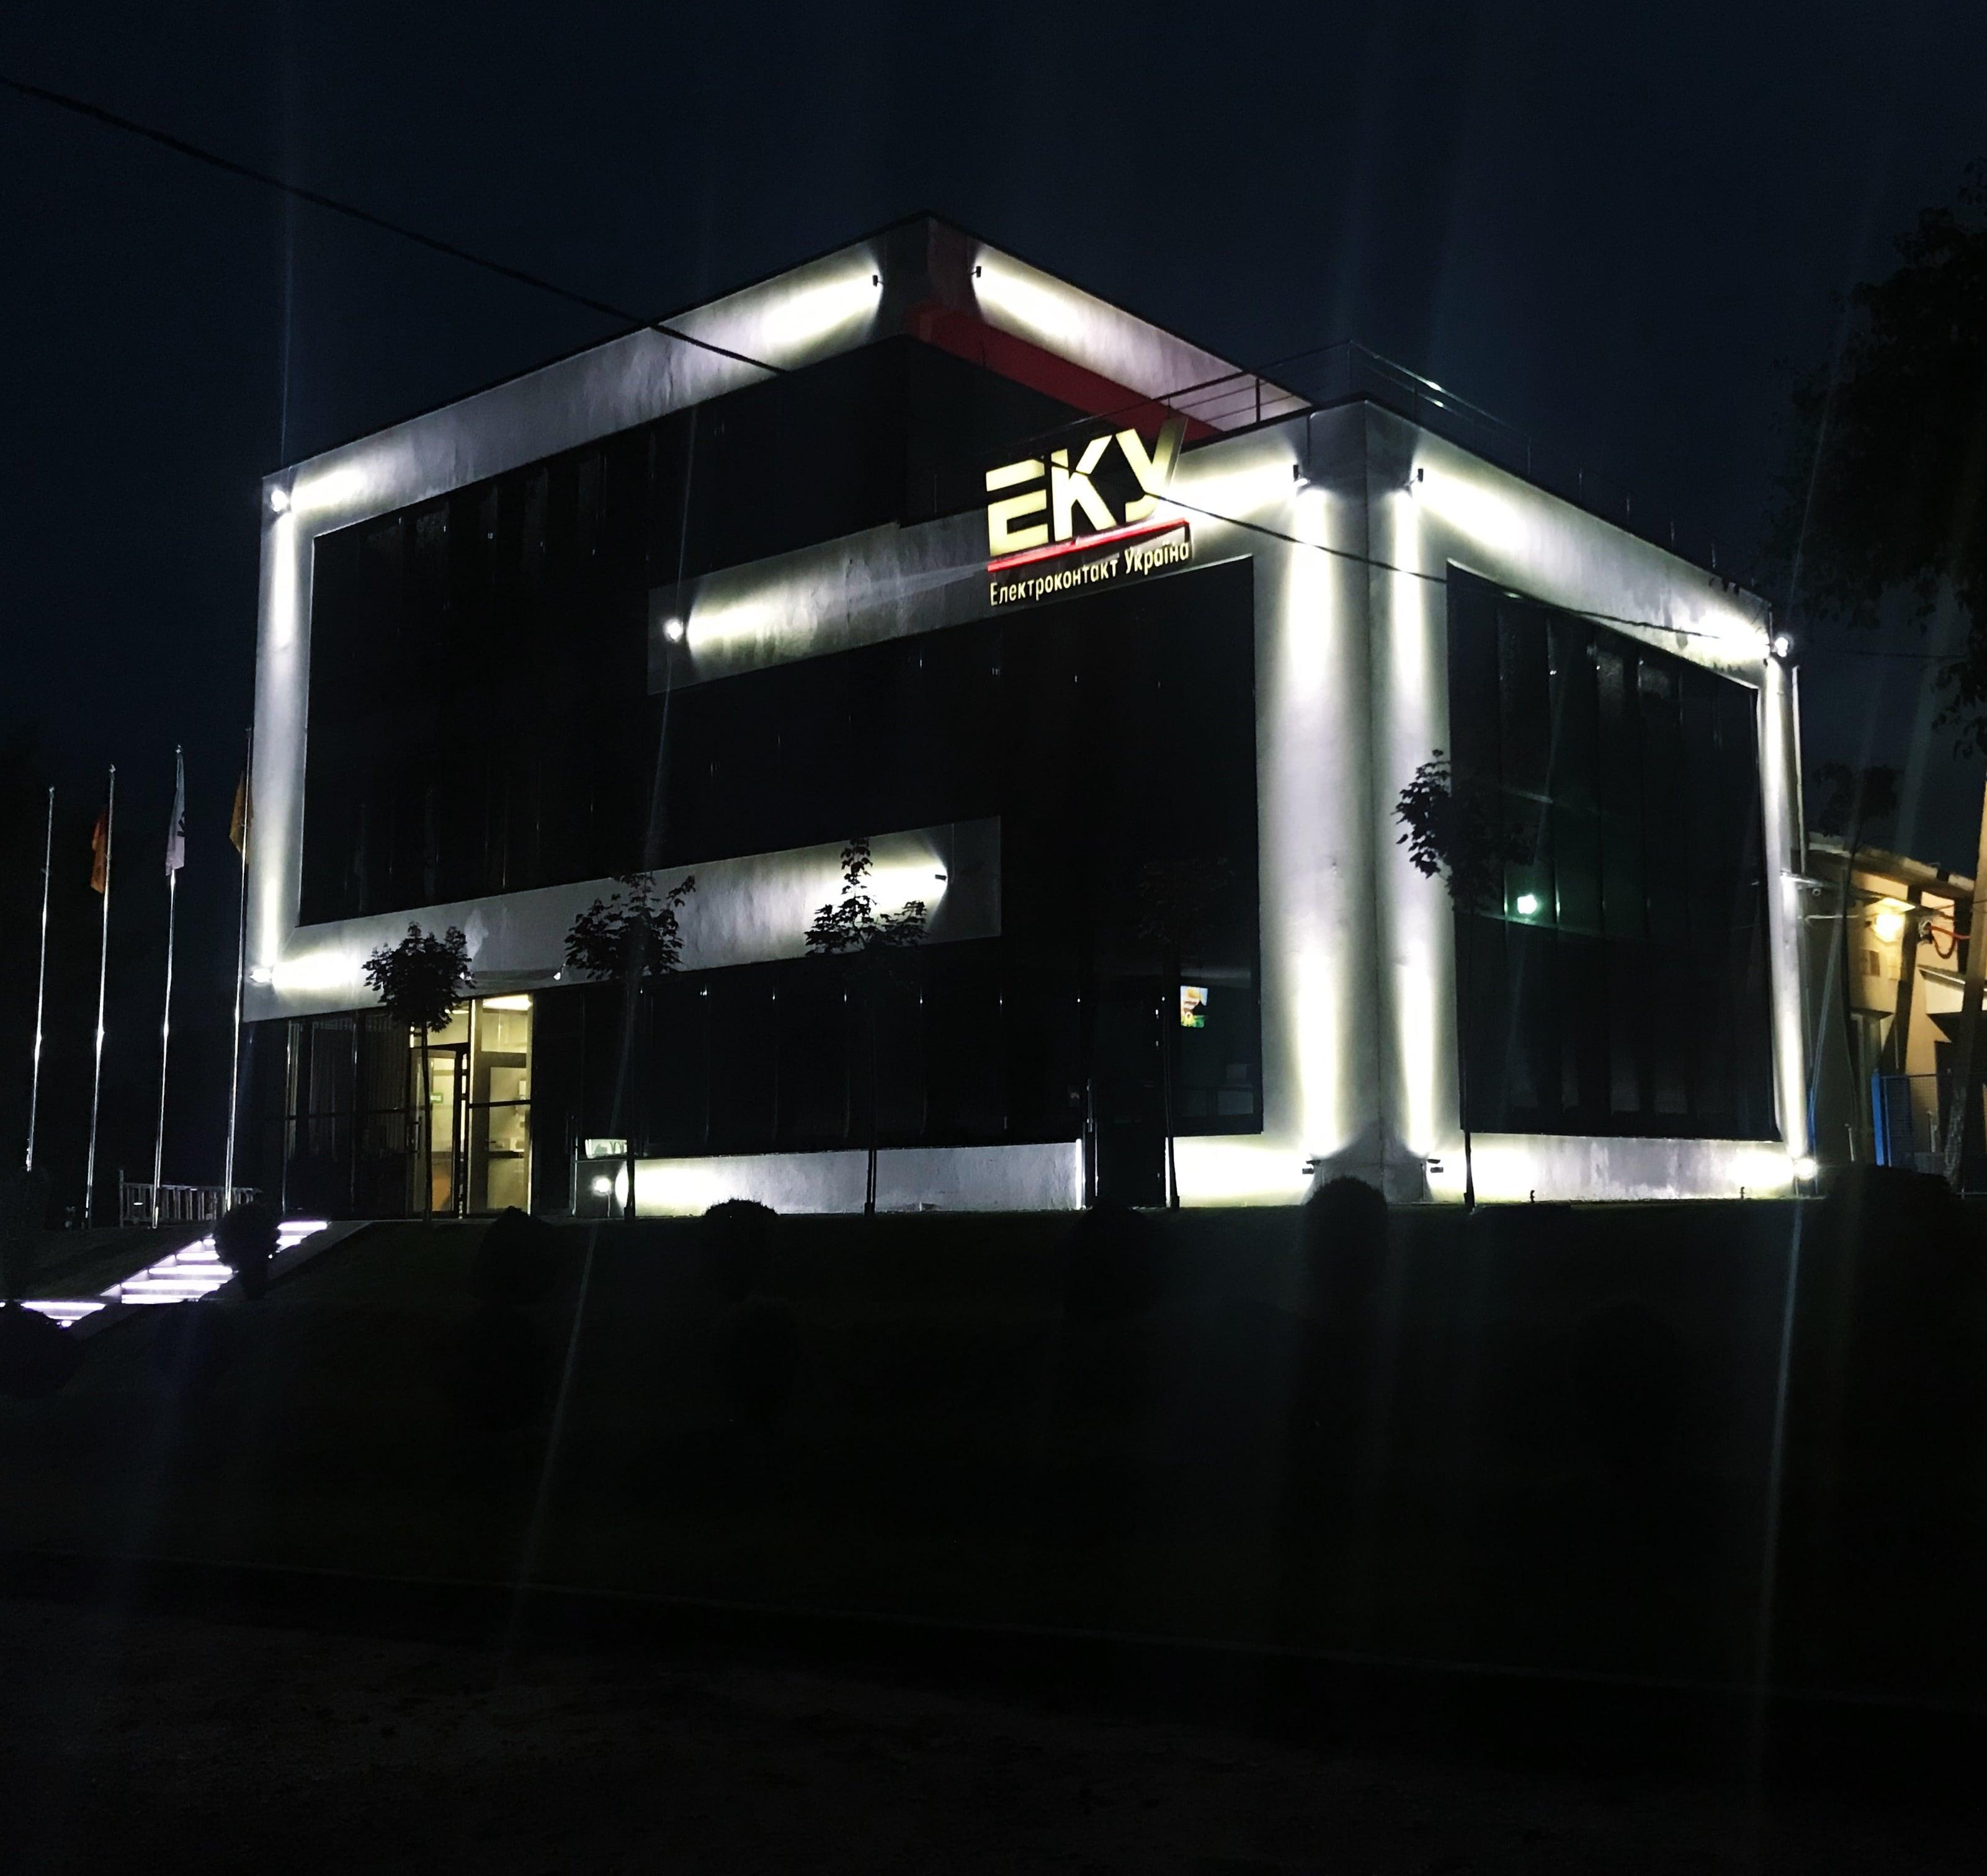 освітлення ЕКУ